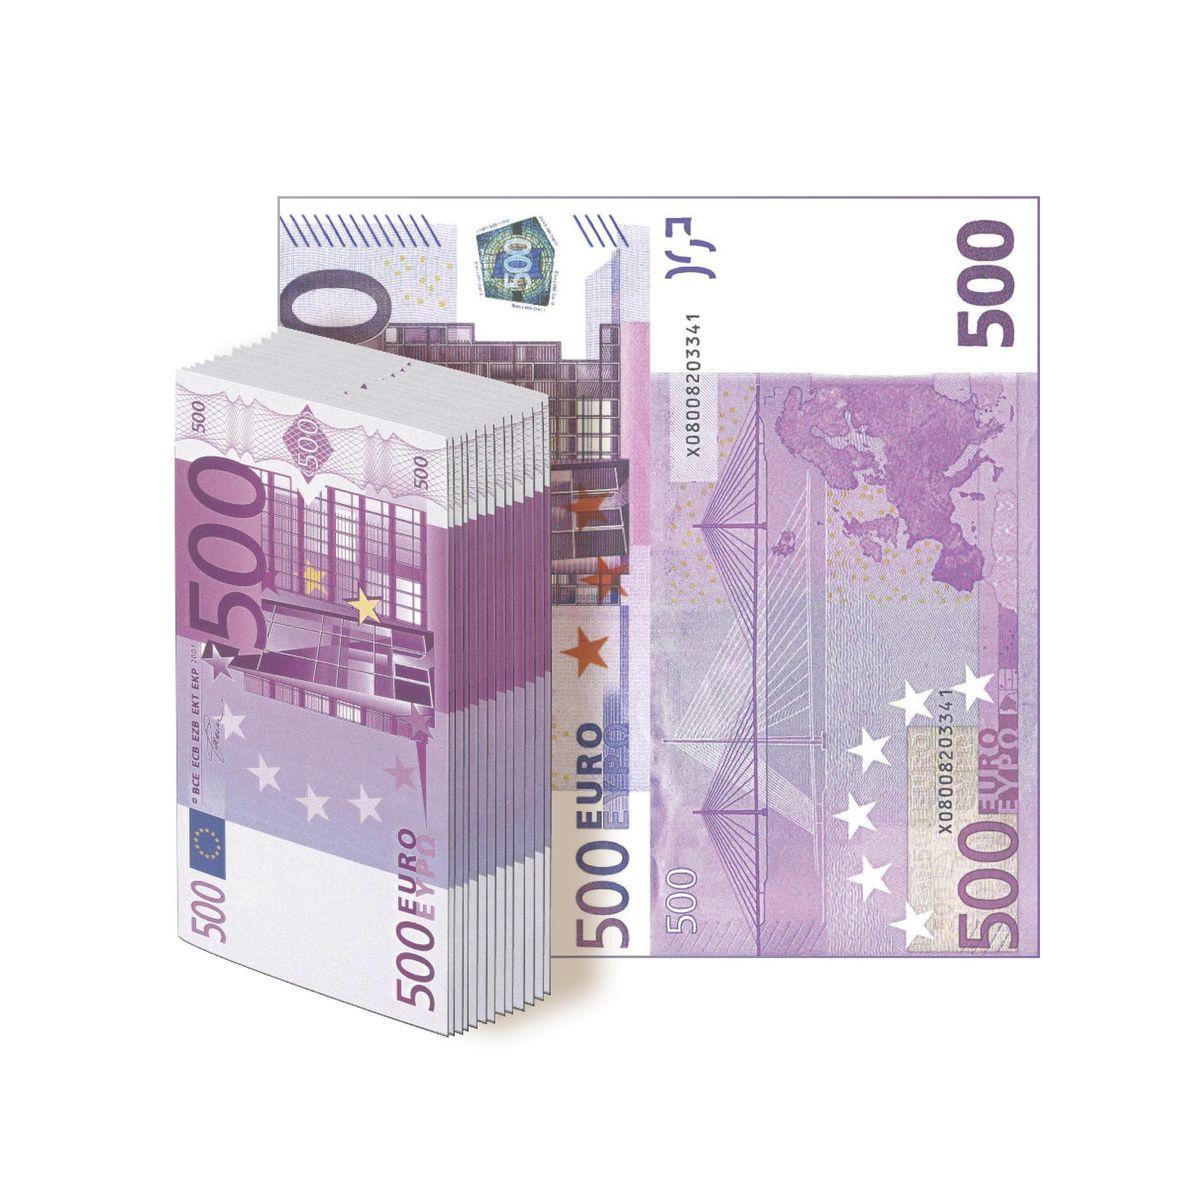 Салфетки бумажные Gratias 500 евро, трехслойные, 33 х 33 см, 12 штIRK-503Бумажные салфетки в виде купюр евро. Отличный выбор для оформления веселой вечеринки, подчеркнет ваше прекрасное чувство юмора и добавит дополнительного антуража на ваш праздник.Размер салфеток:- в сложенном виде: 16х8 см;- в развернутом виде: 33х33 см.